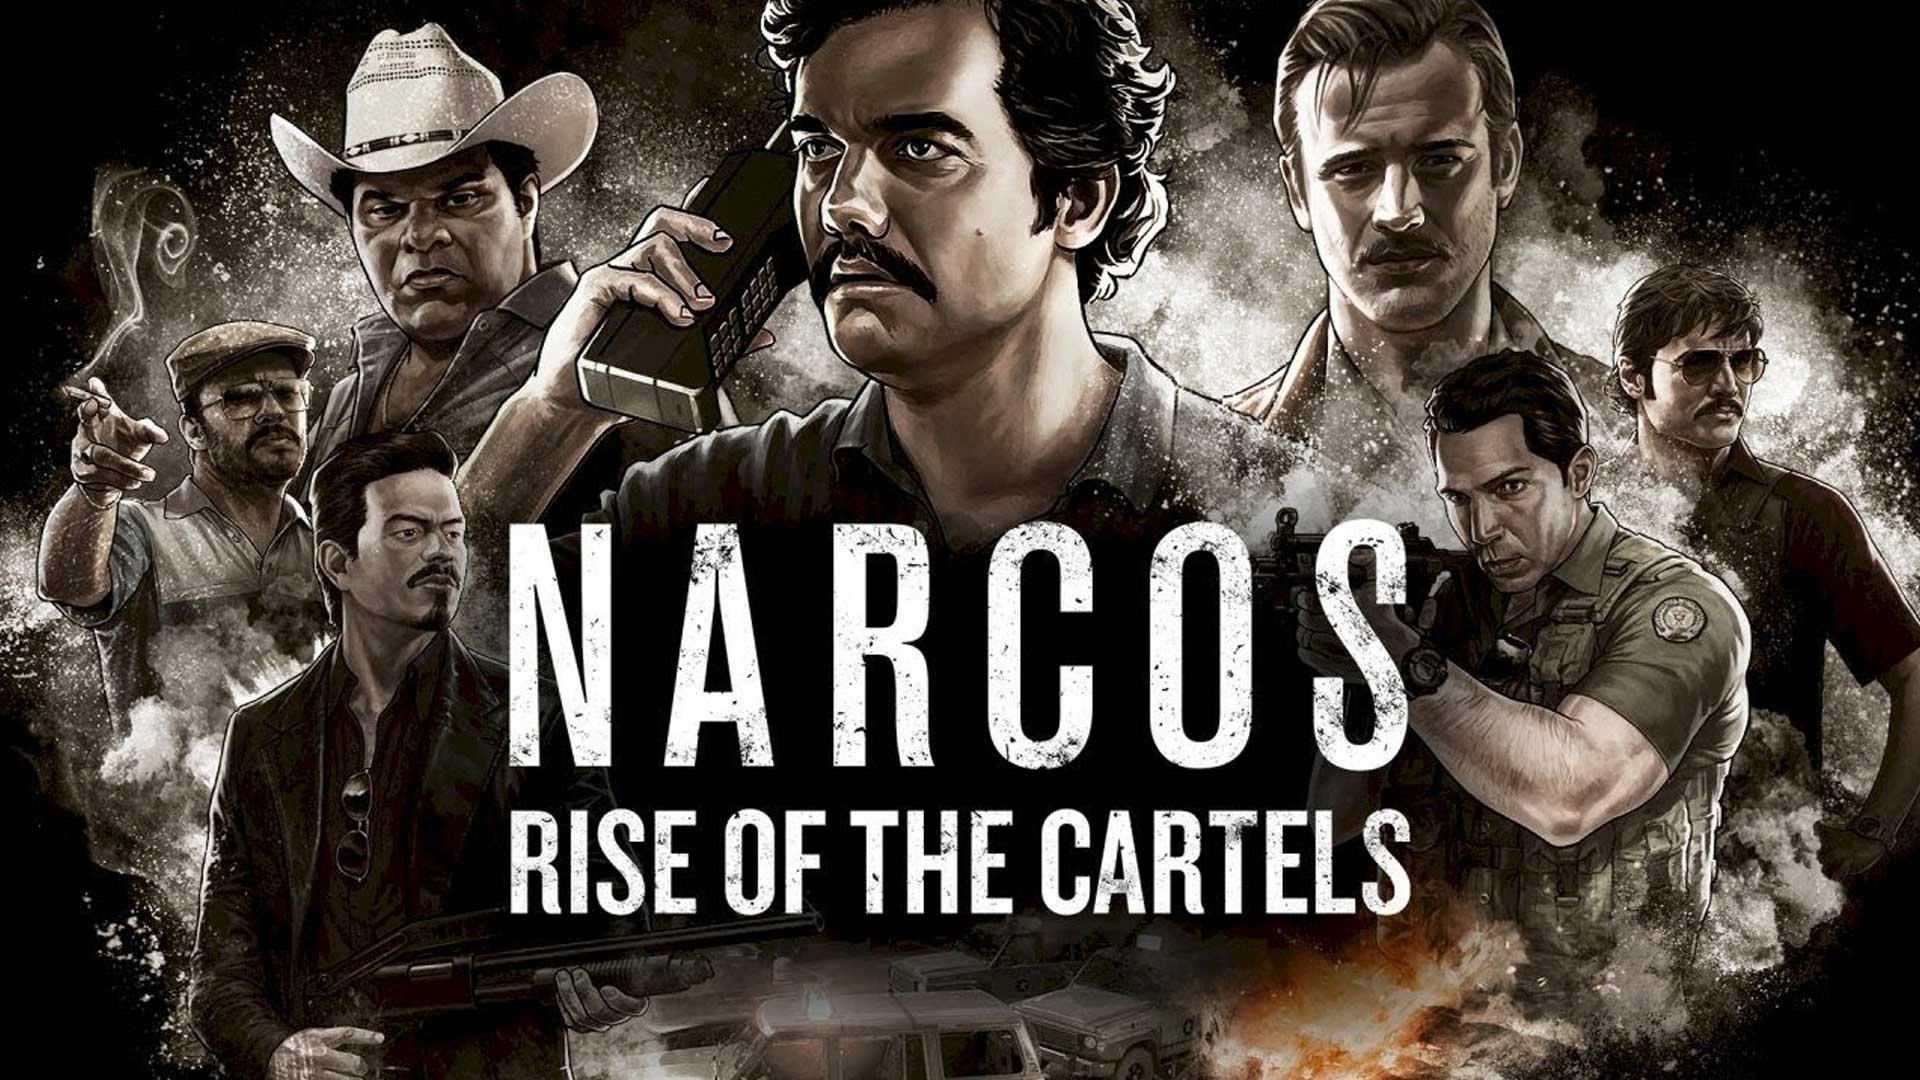 Наркос: Восстание картелей